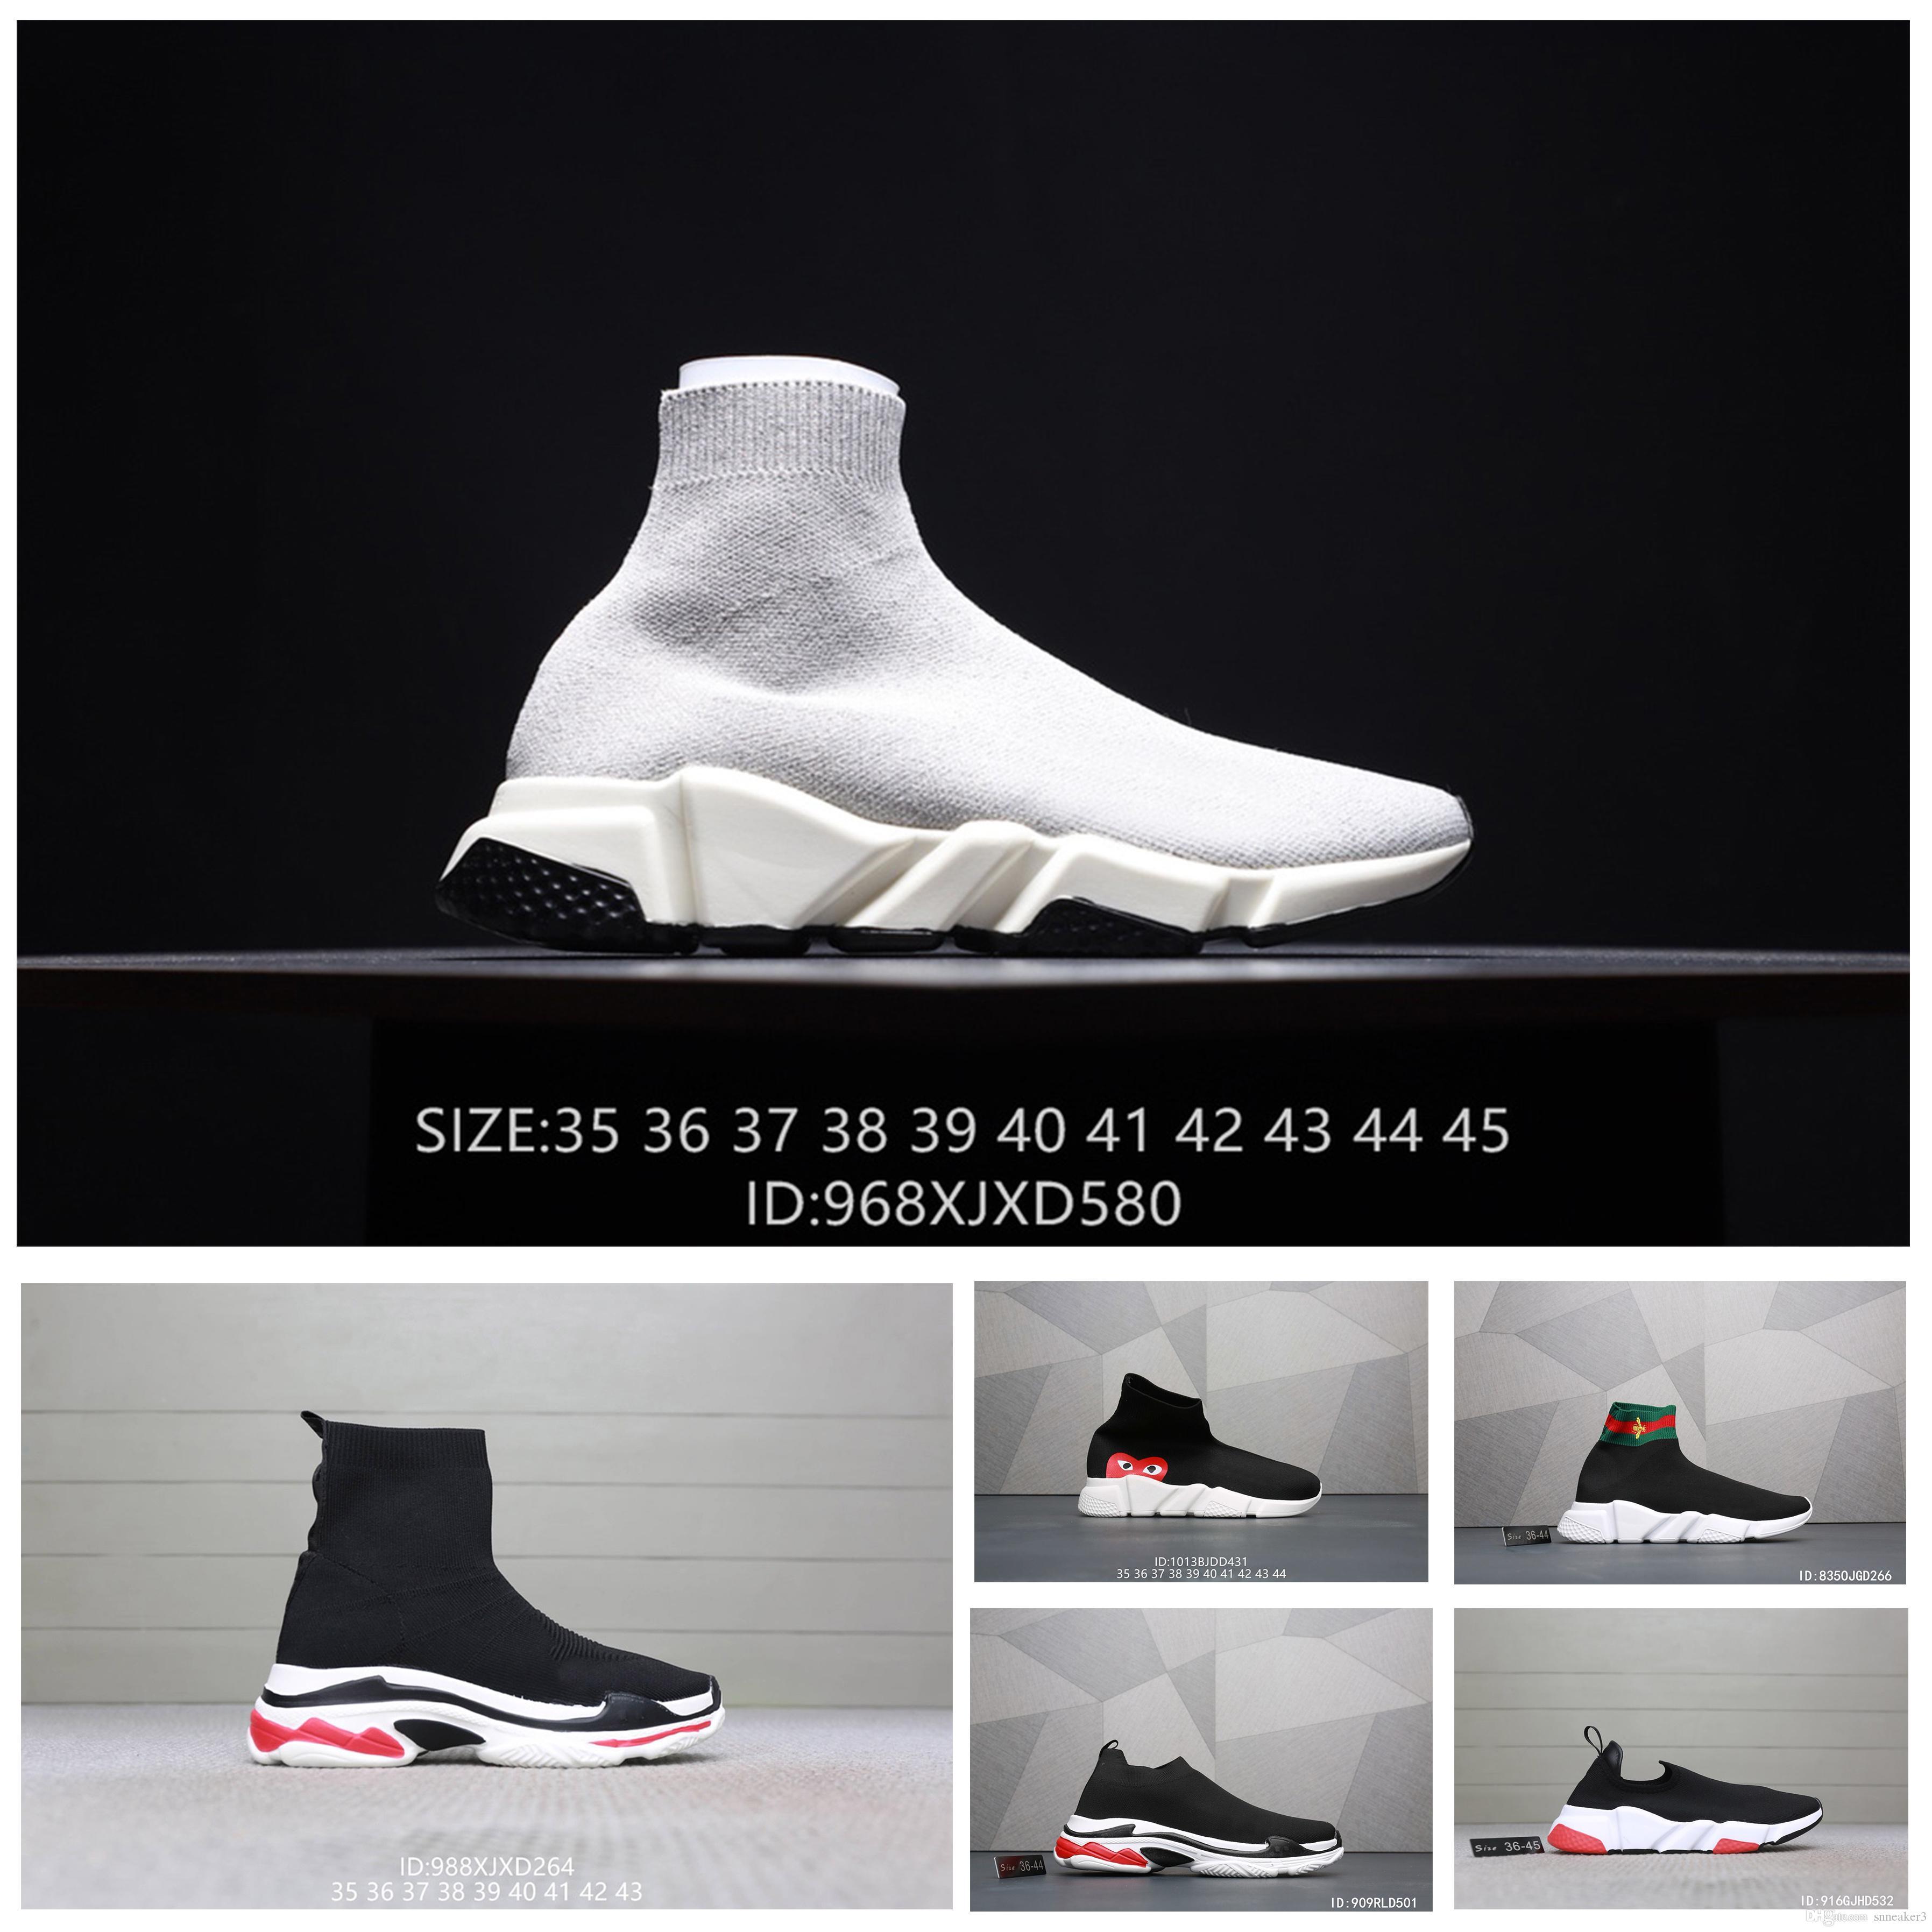 Grosshandel Balenciaga Shoes Scarpe Gucci Luxus Marke Mit Box Herren